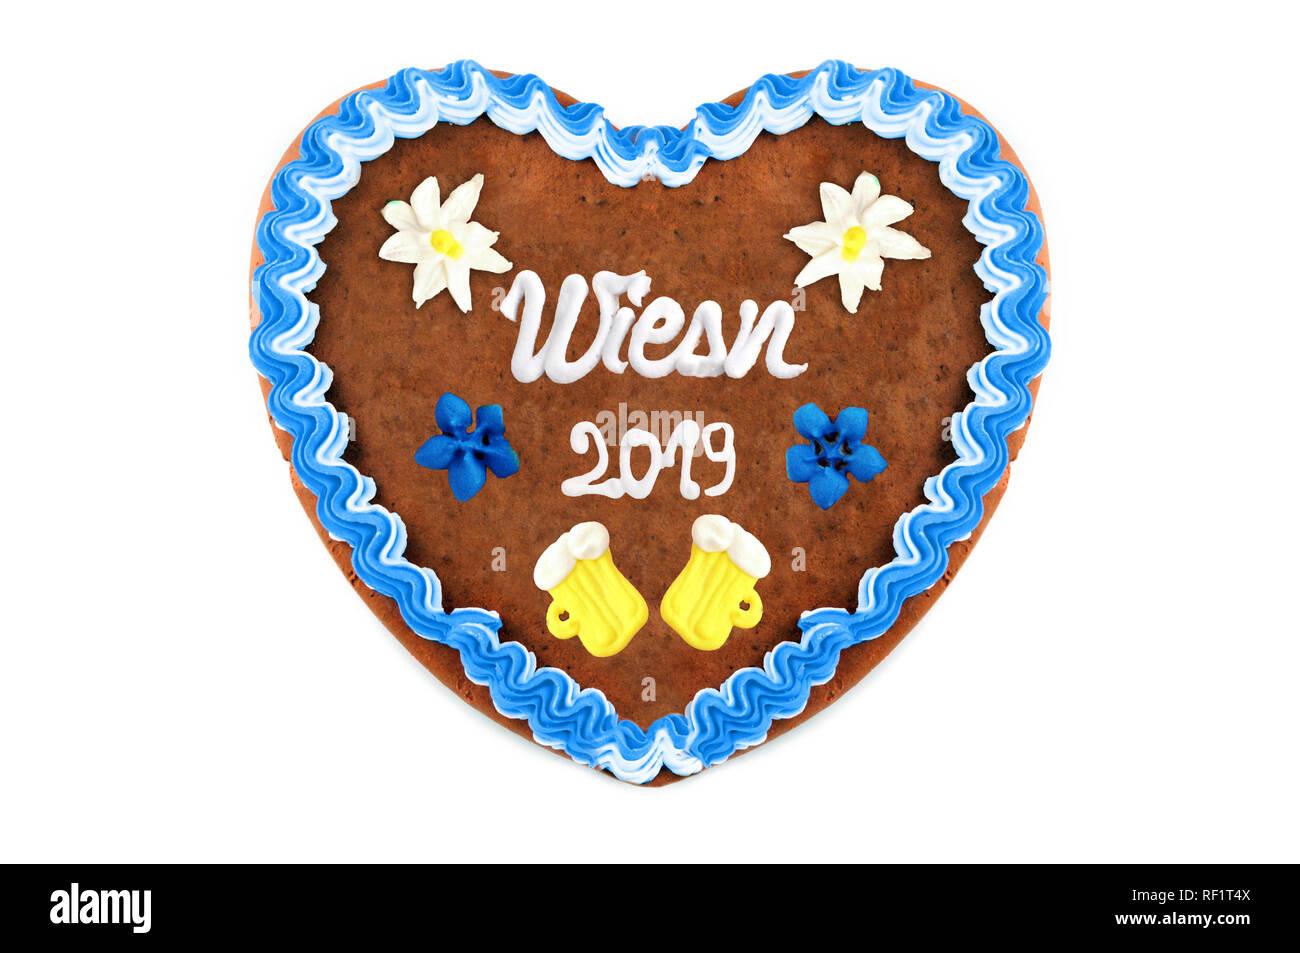 Oktoberfest 2019 Gingerbread cuore bianco con sfondo isolato. Ottobre festival è una birra stagionale evento in Monaco di Baviera (Germania). Tradizionale cuore ca Foto Stock